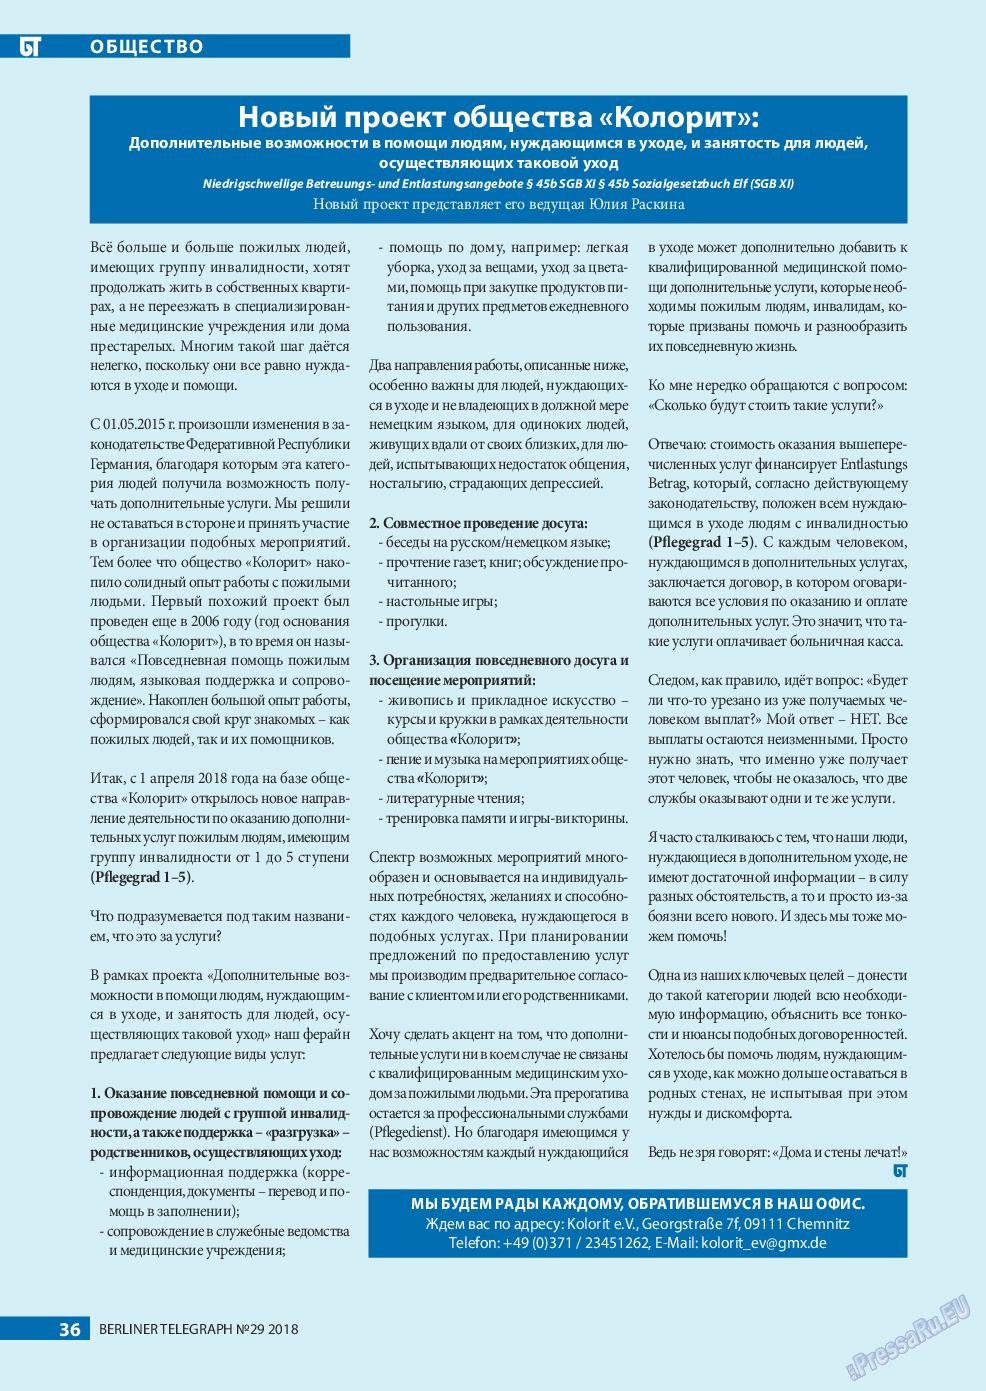 Берлинский телеграф (журнал). 2018 год, номер 29, стр. 36